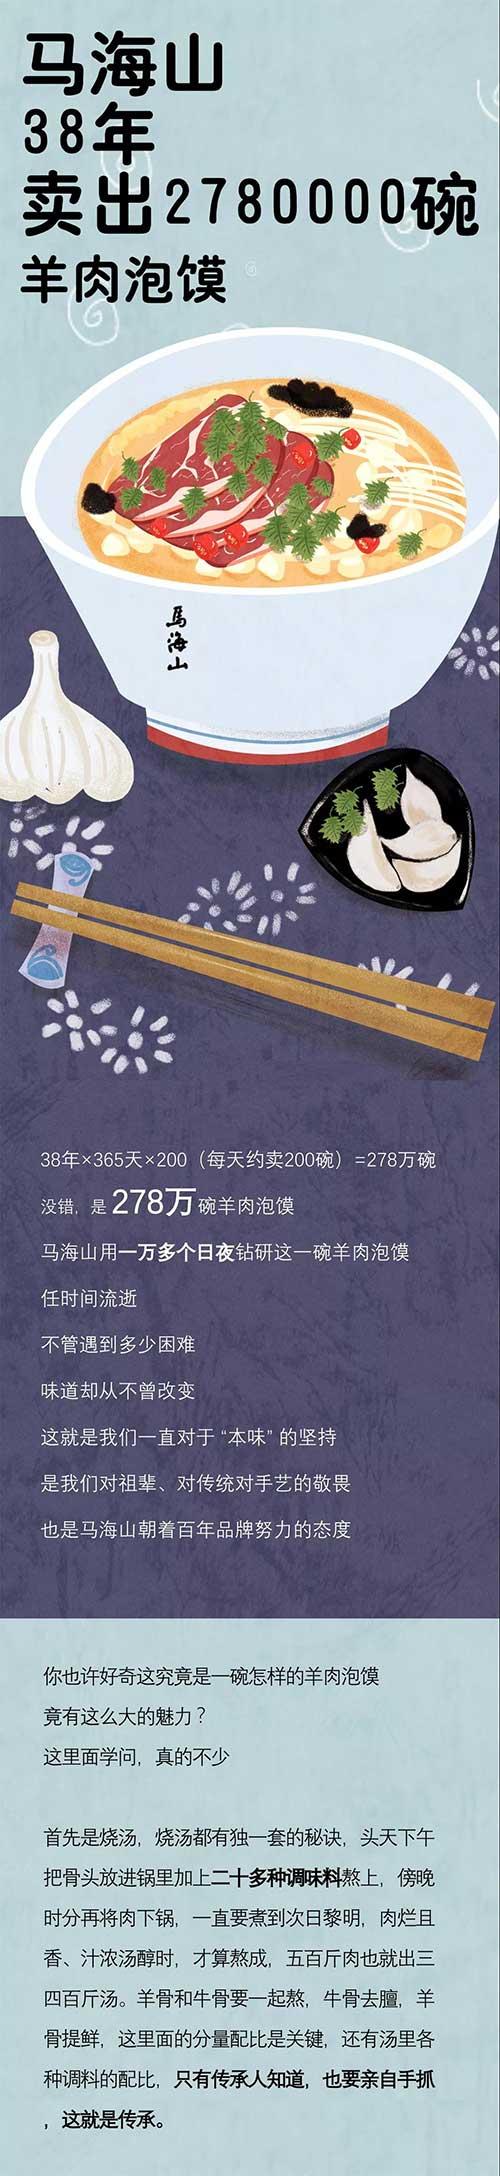 38年的堅持,馬海山賣出278萬碗羊肉泡饃!